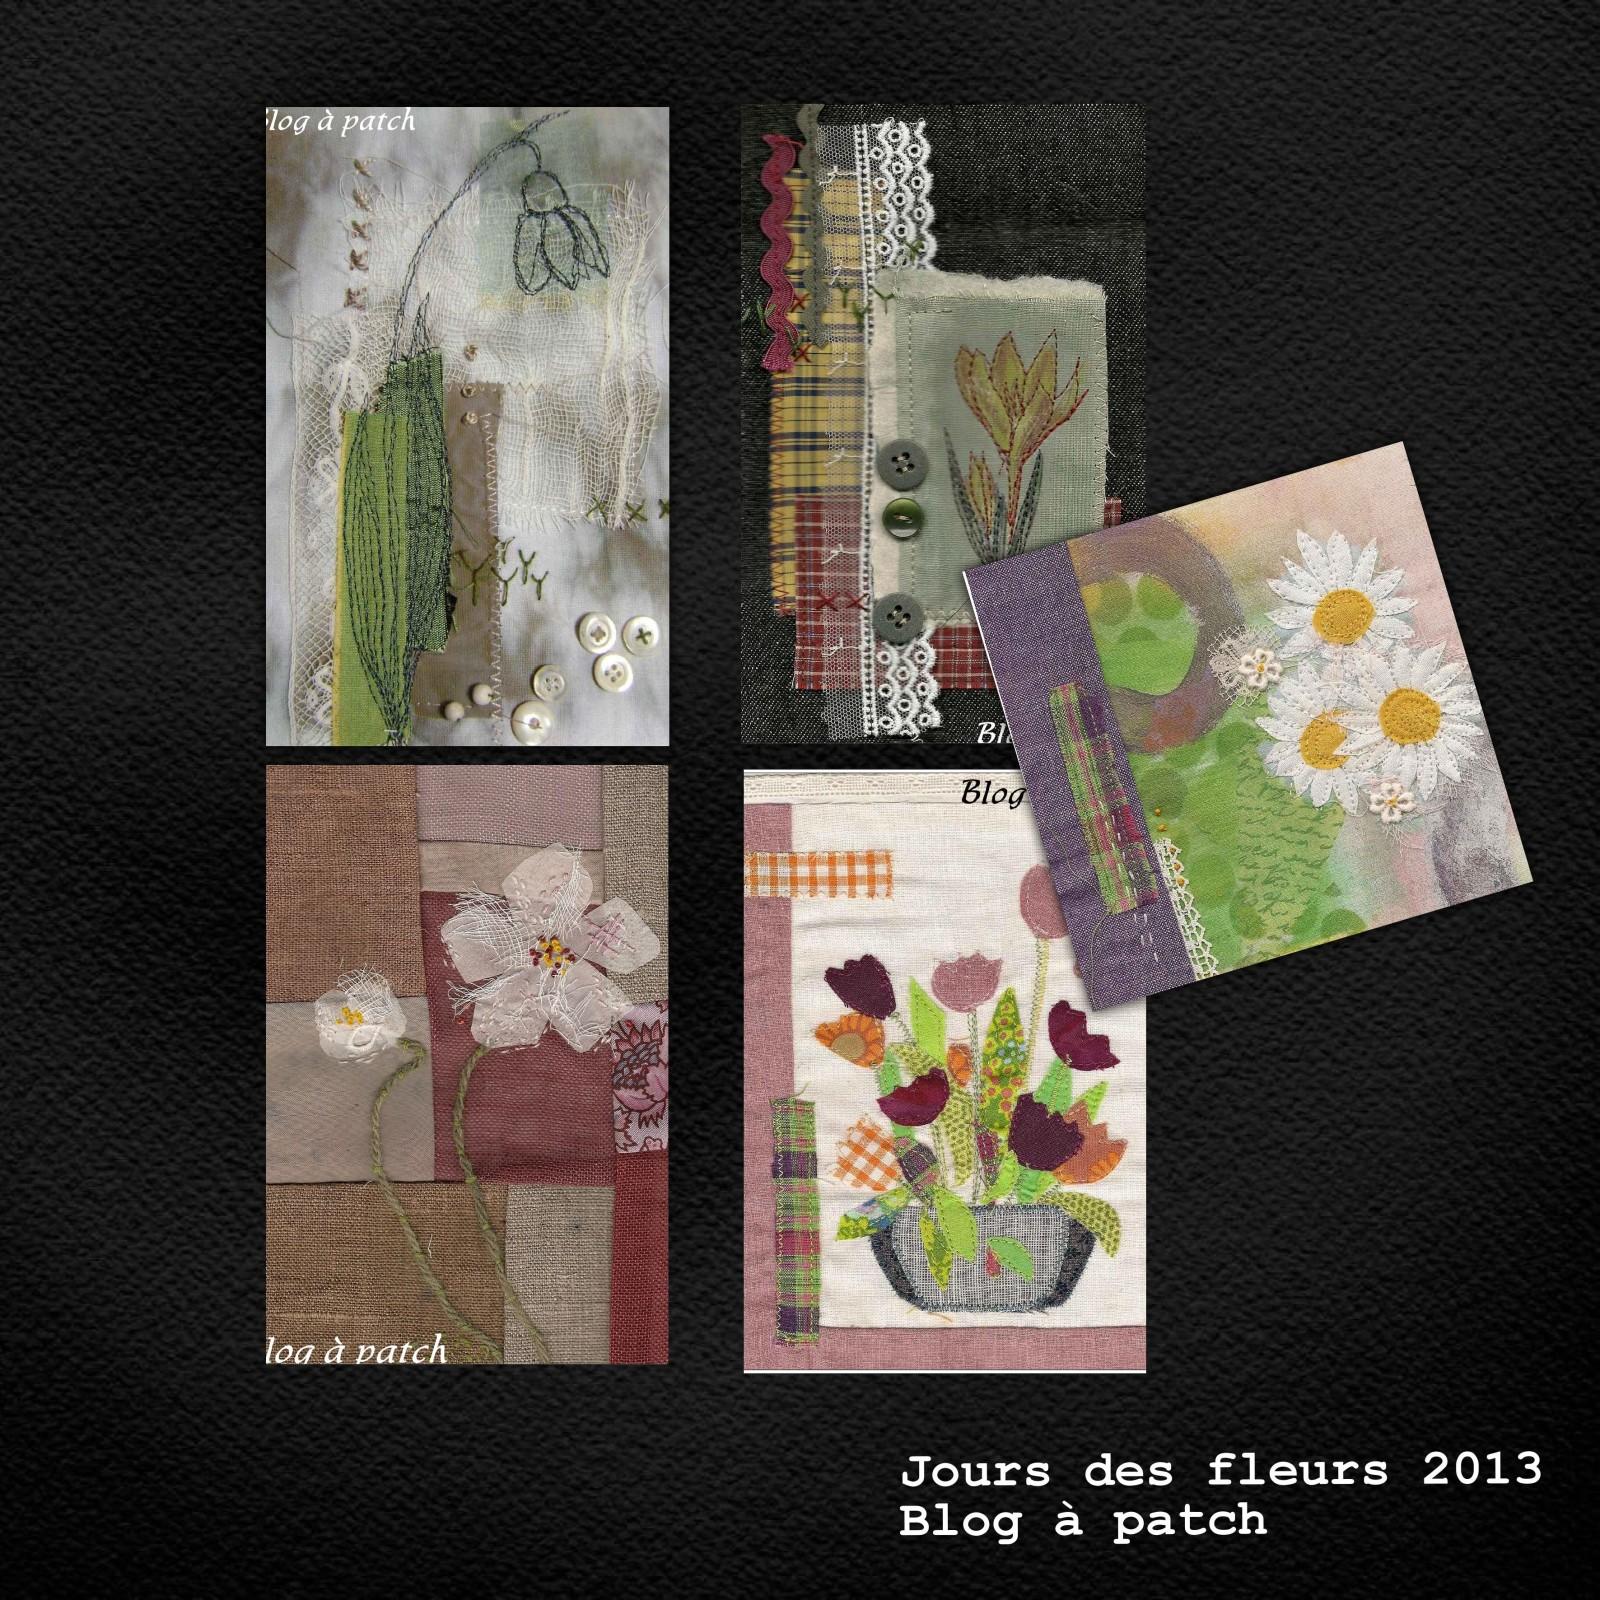 jour des fleurs le blog de patchacha. Black Bedroom Furniture Sets. Home Design Ideas